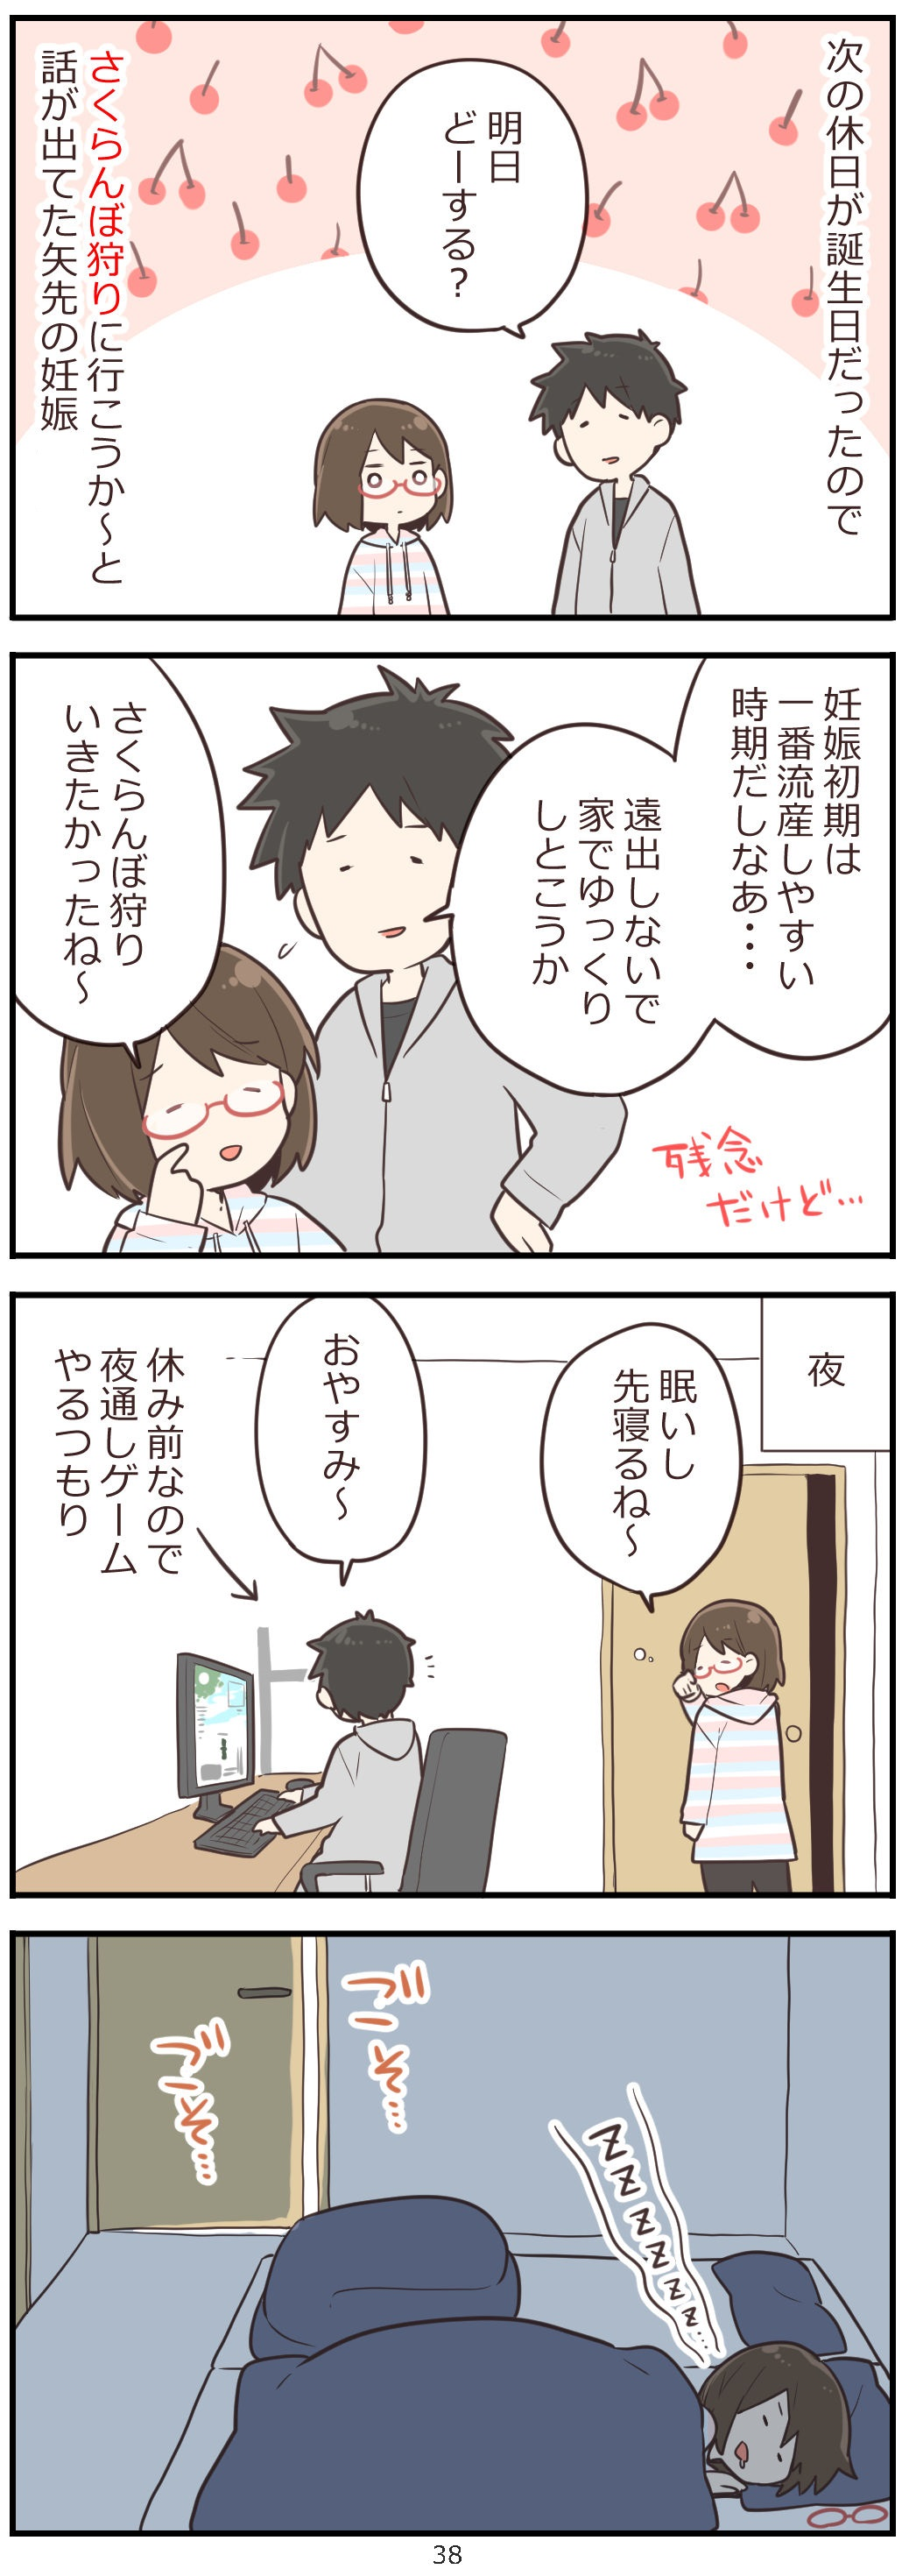 「妊活レベル1 まっふの冒険記」第38話